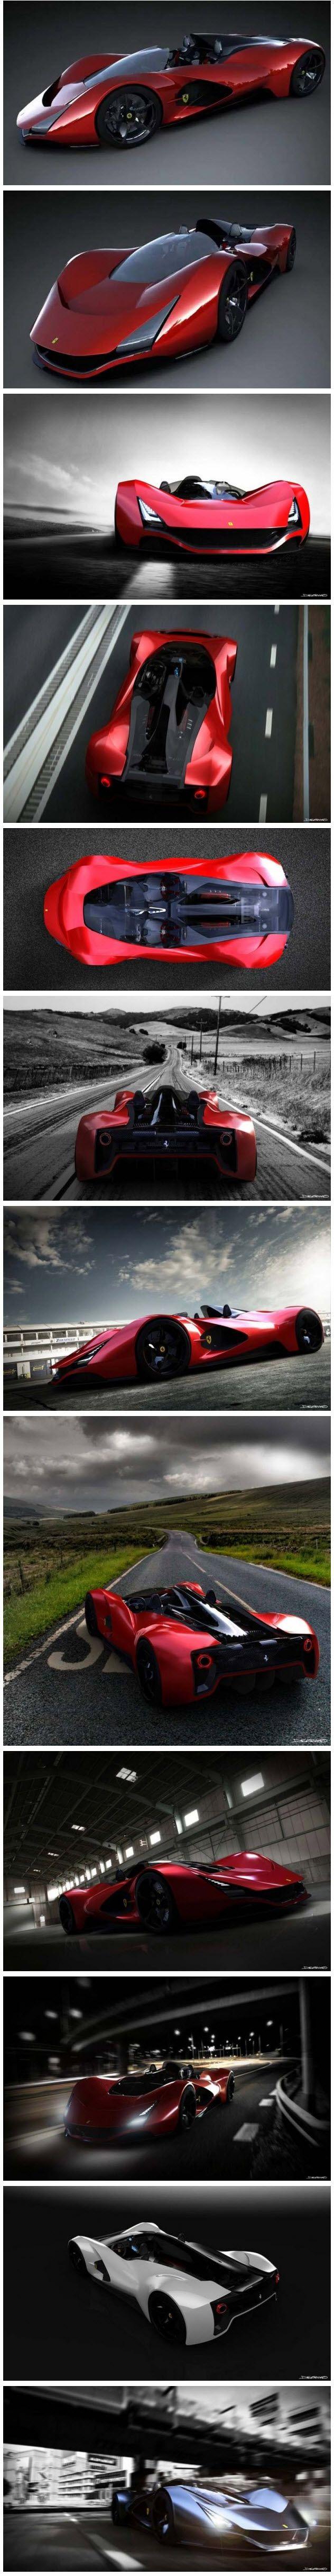 Ferrari Aliante, Such an amazing concept car.                                                                                                                                                                                 More